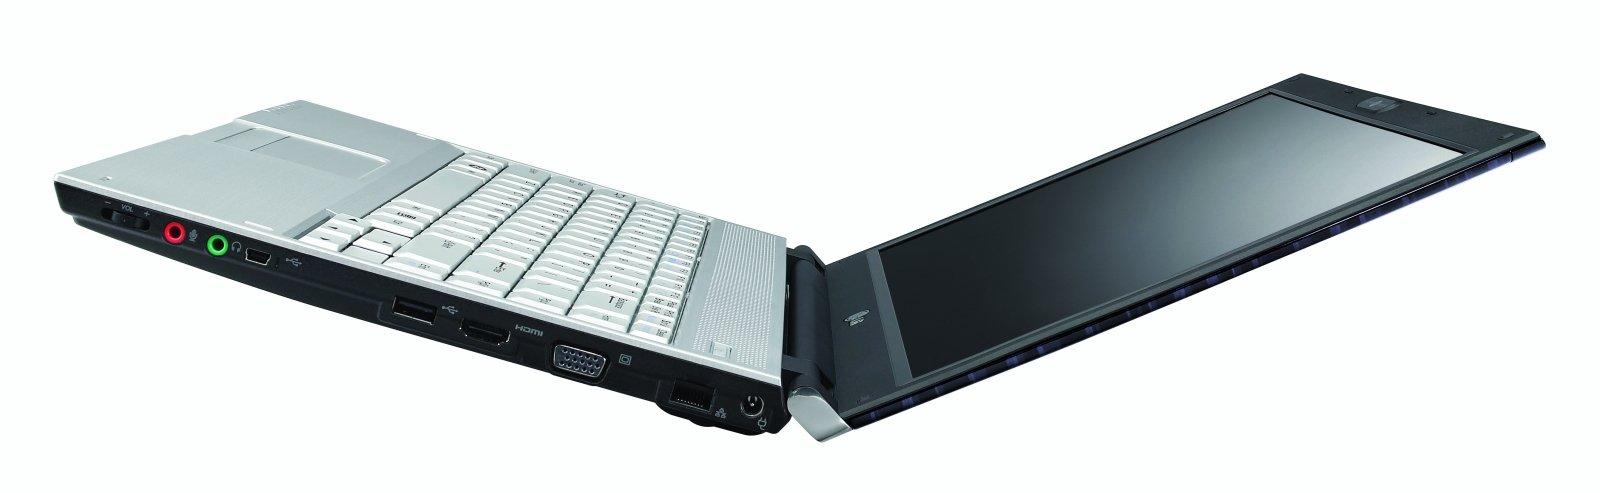 LG P300